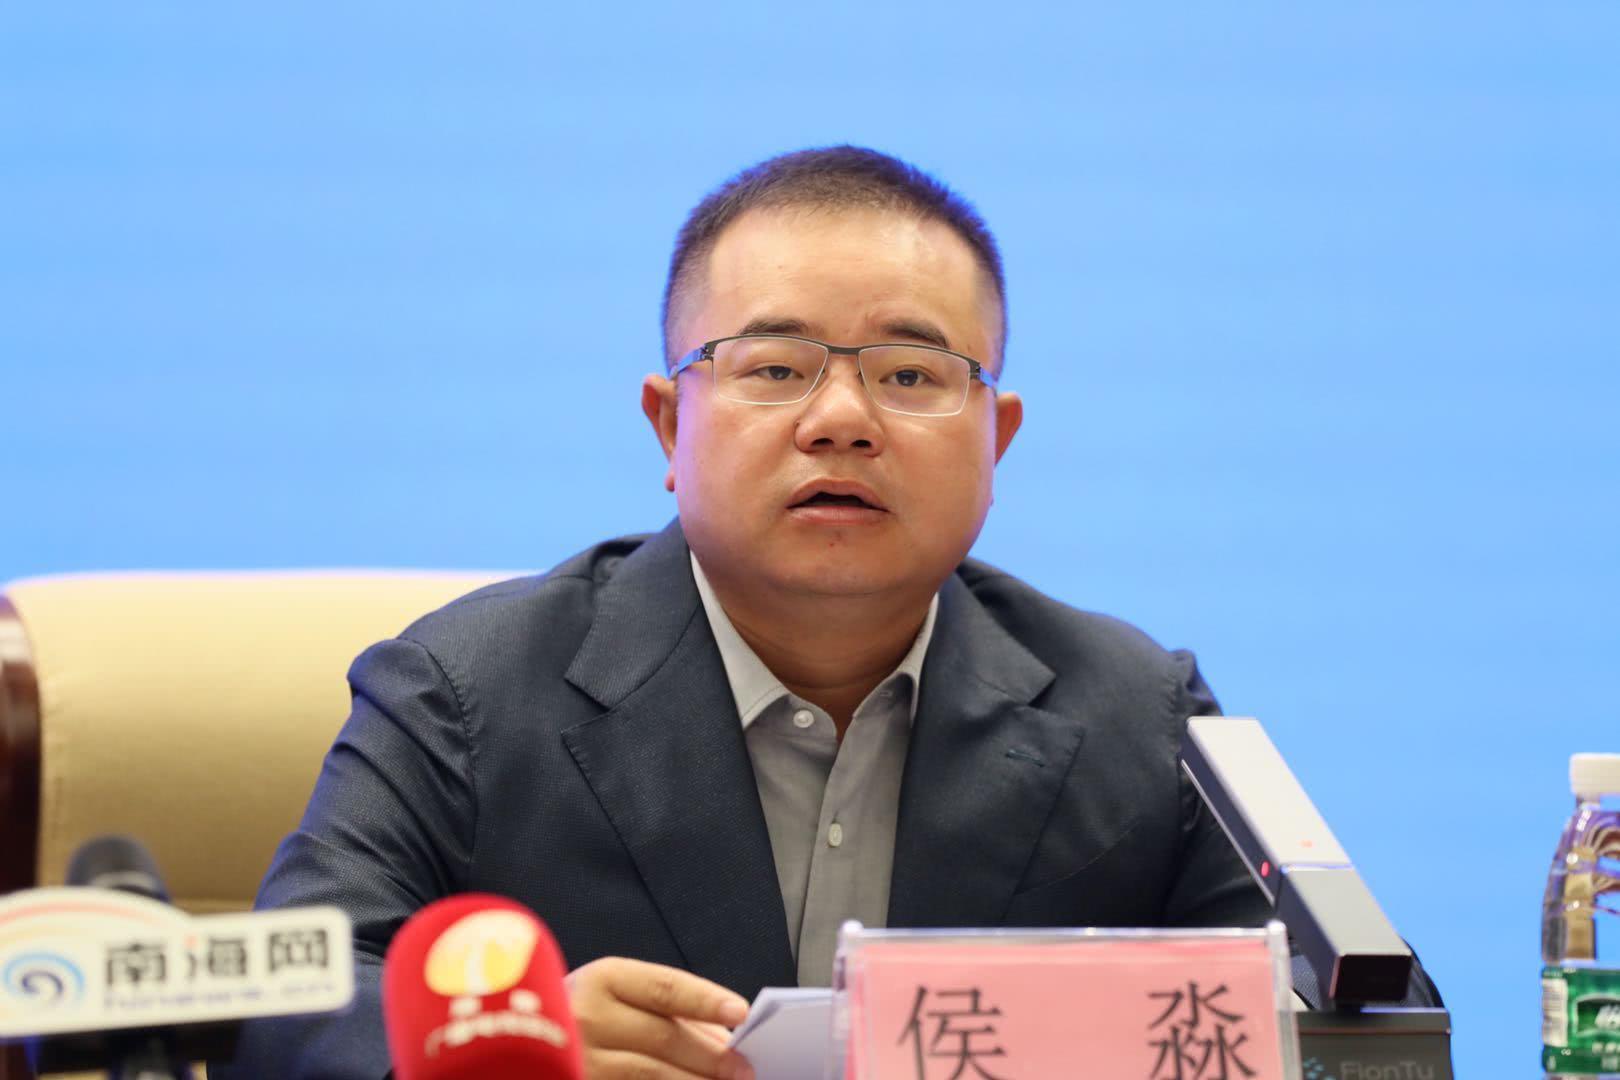 图片:游戏副总裁、电竞负责人侯淼发表演讲